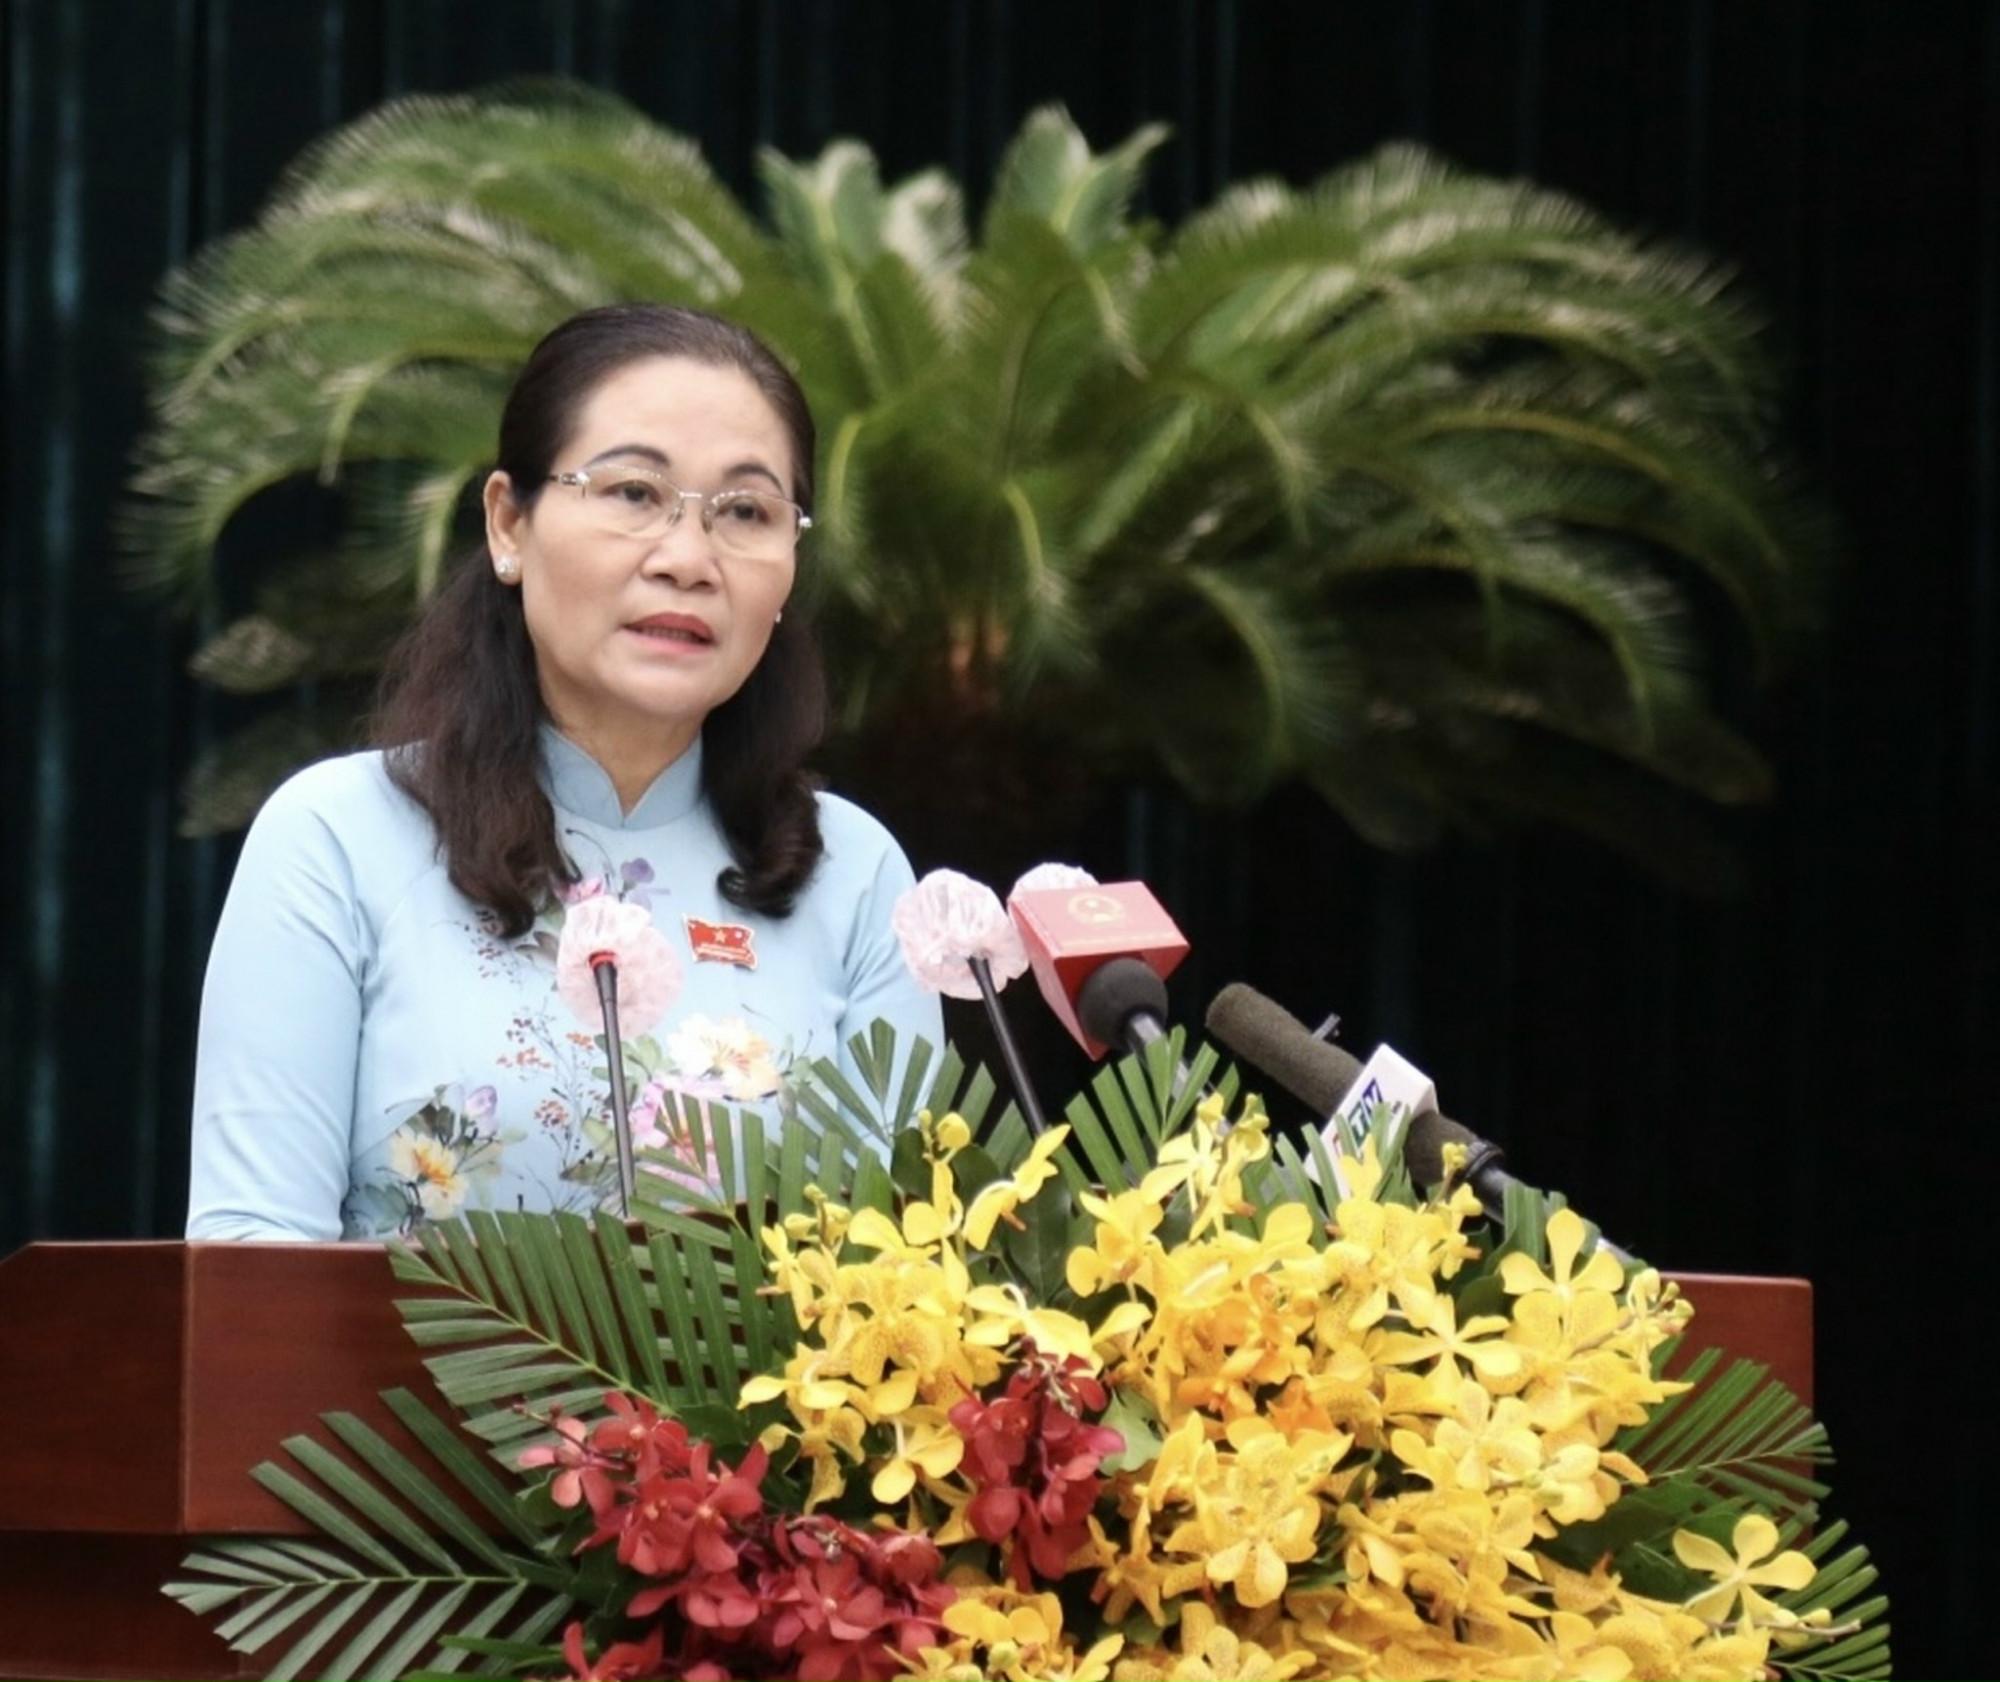 Bà Nguyễn Thị Lệ phát biểu bế mạc kỳ họp thứ nhất HĐND TPHCM khóa X sáng 25/6. Ảnh: TTBC